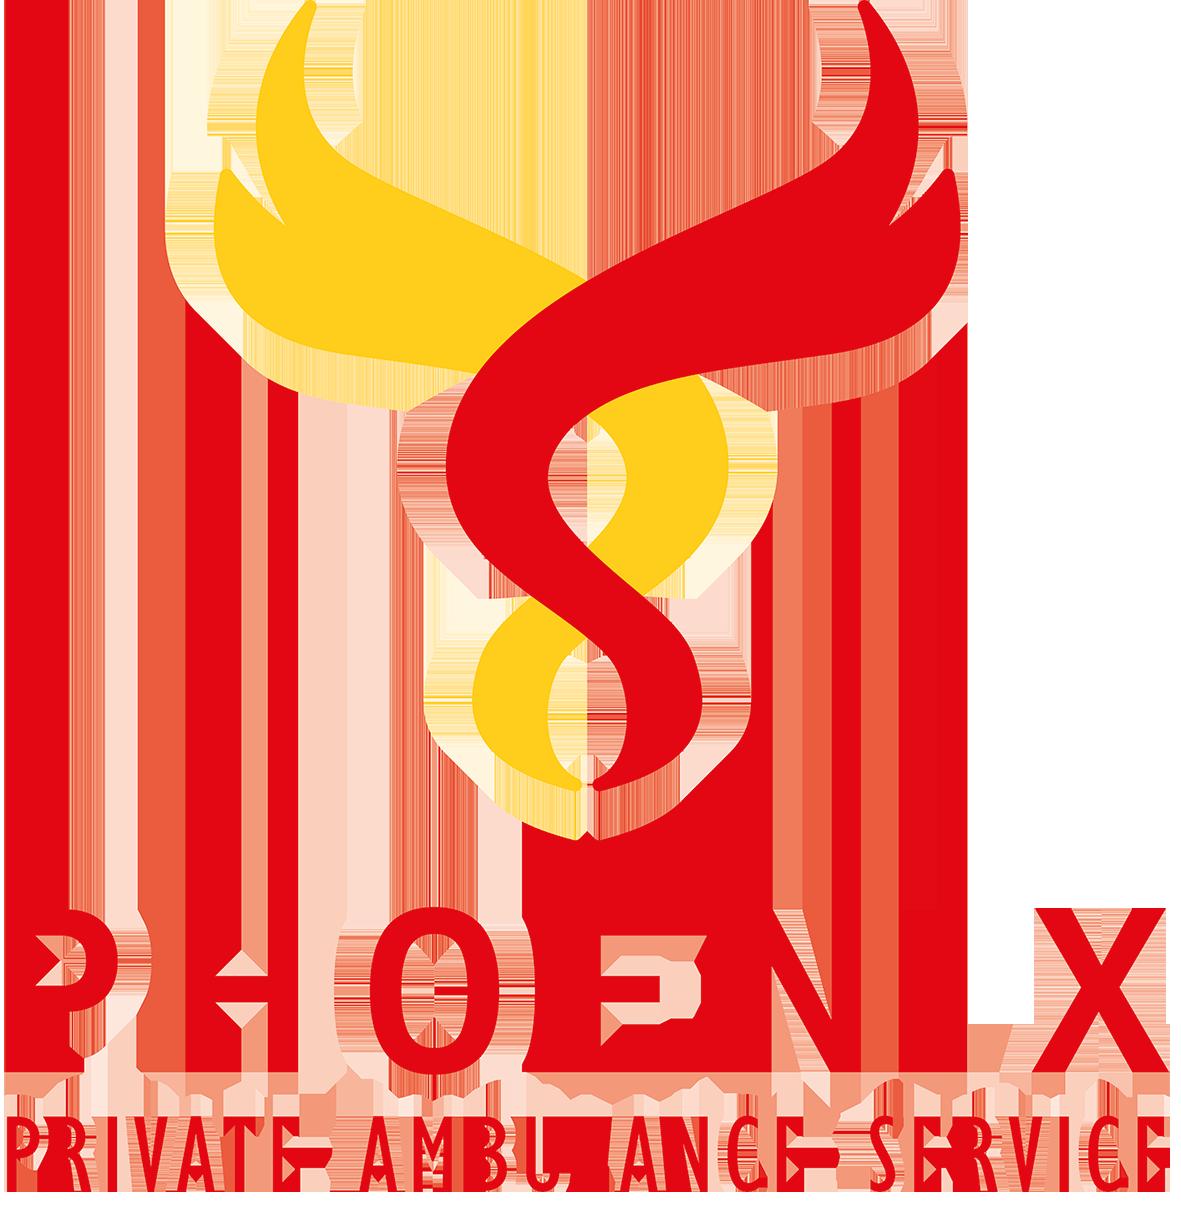 Uk Company: Phoenix Private Ambulance Service